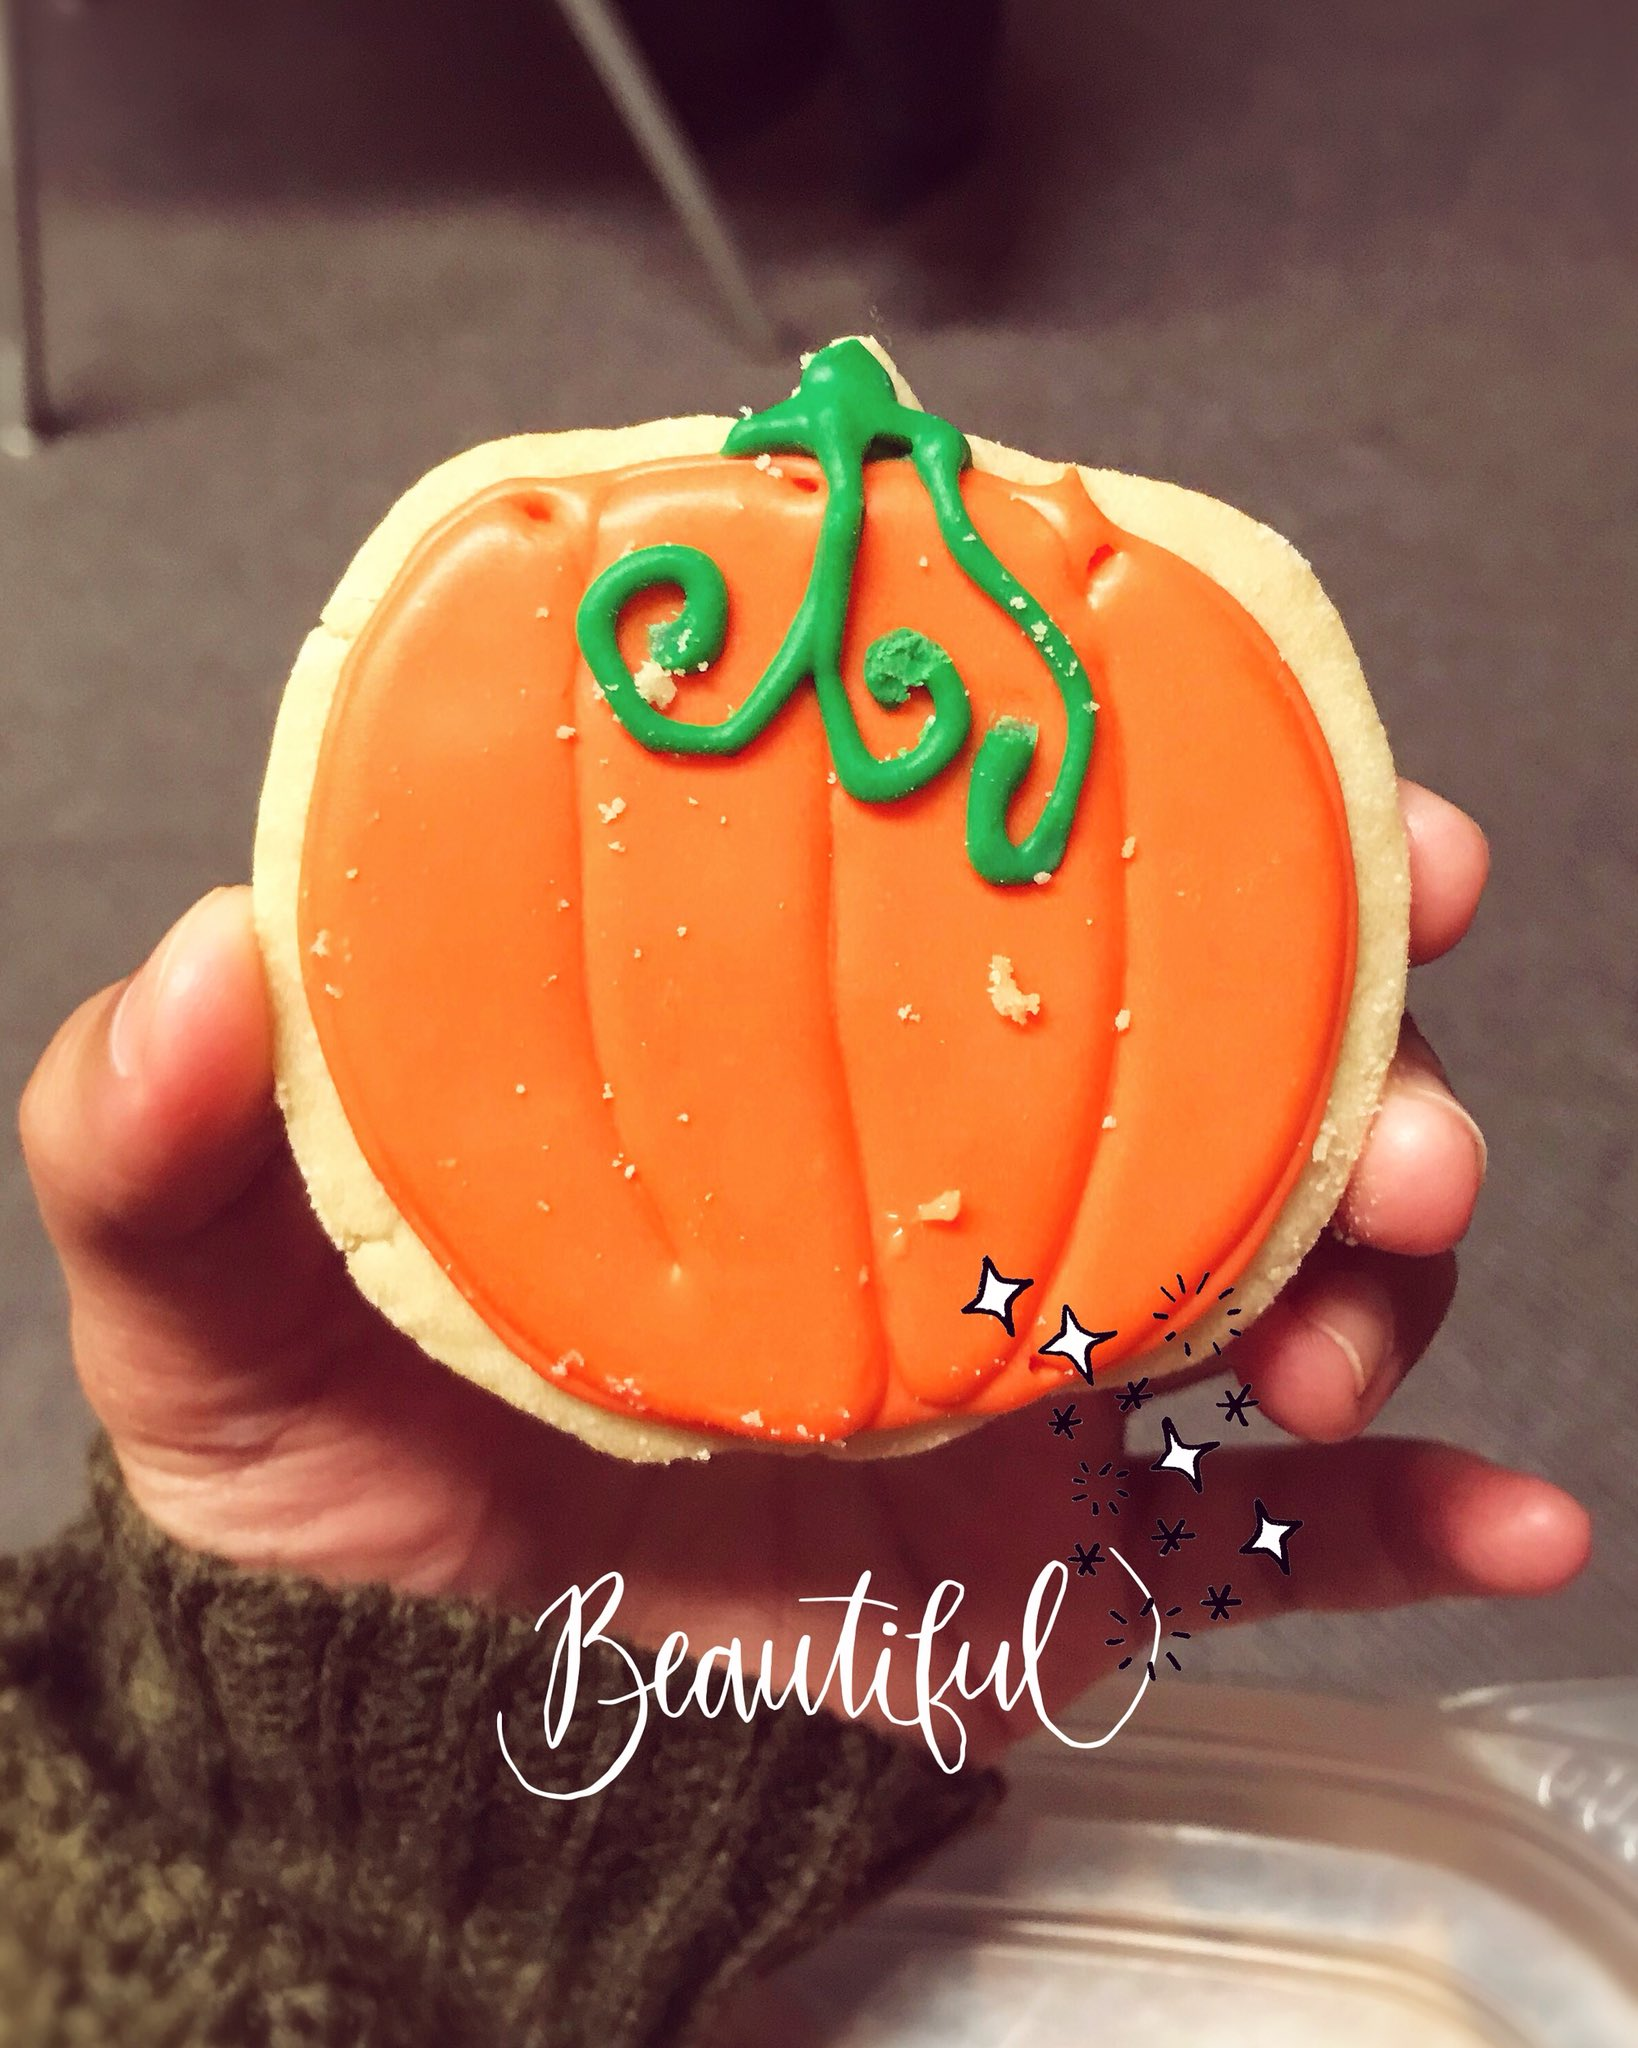 Happy October 1st Foodies! #Foodiechats #October #pumpkin #foodies https://t.co/eNlNsTRhaa